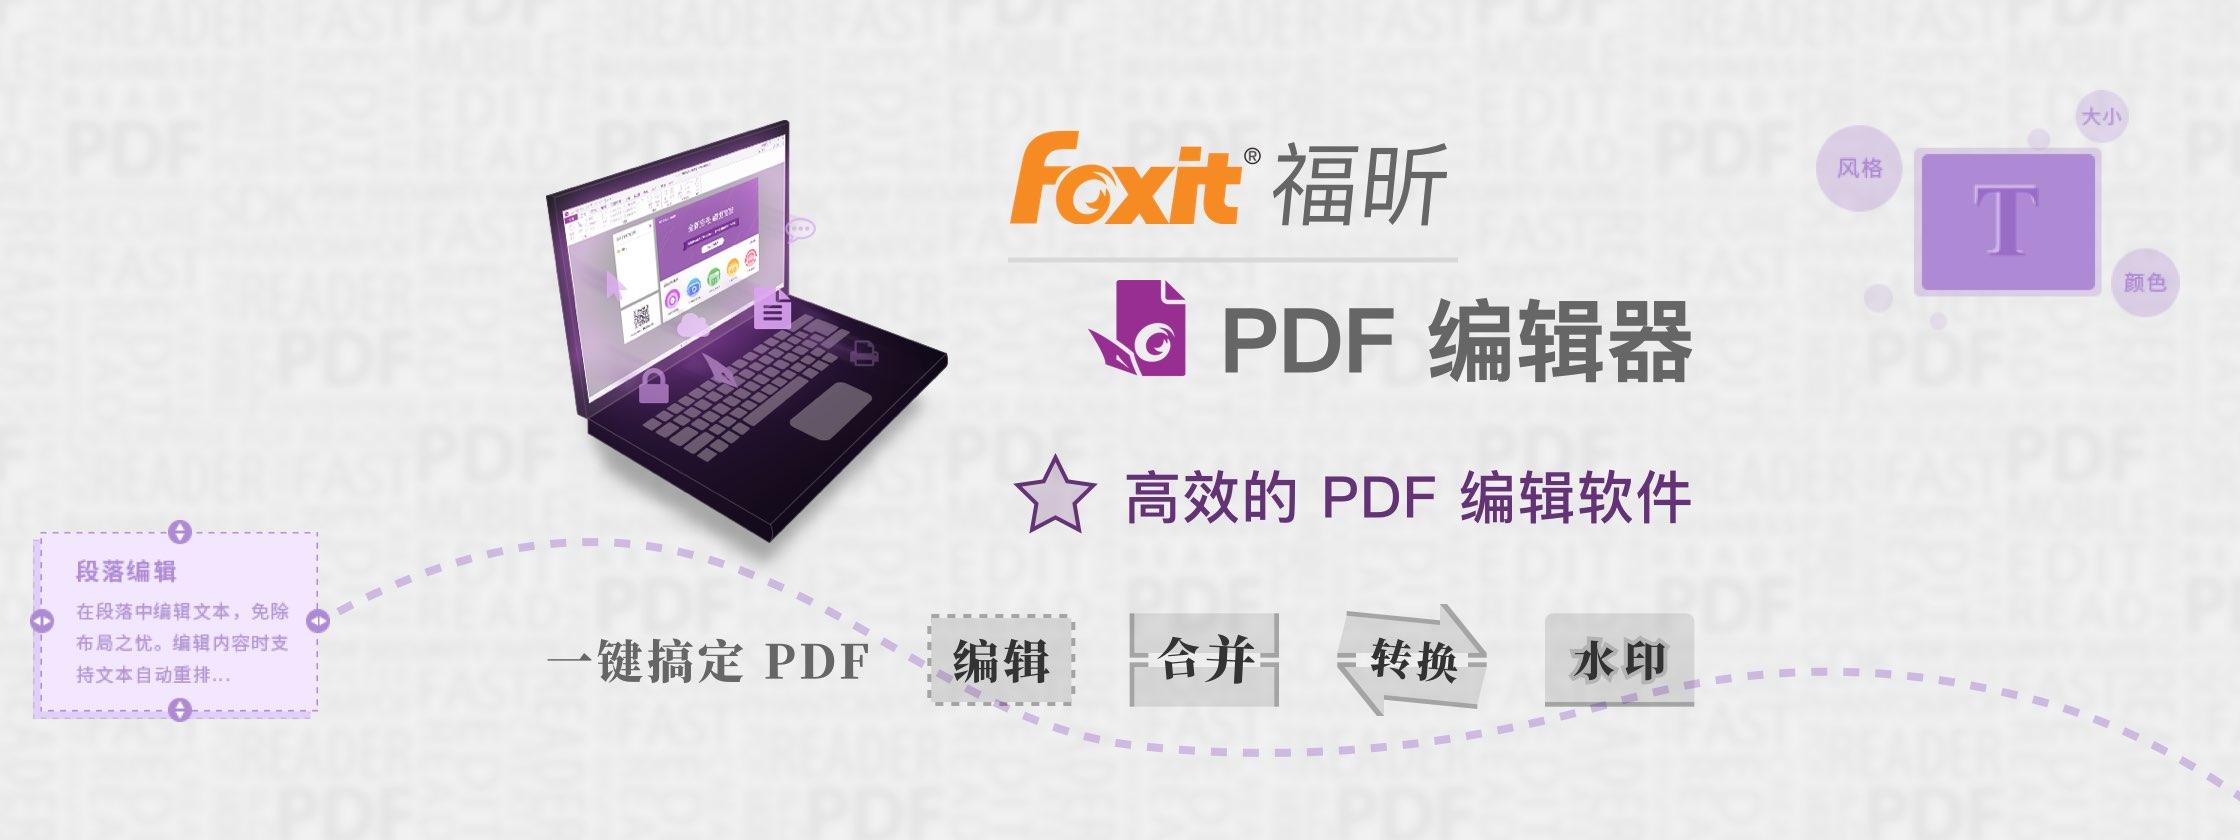 福昕PDF编辑器,高效的 PDF 编辑软件,一键搞定 PDF 编辑、合并、转换、水印